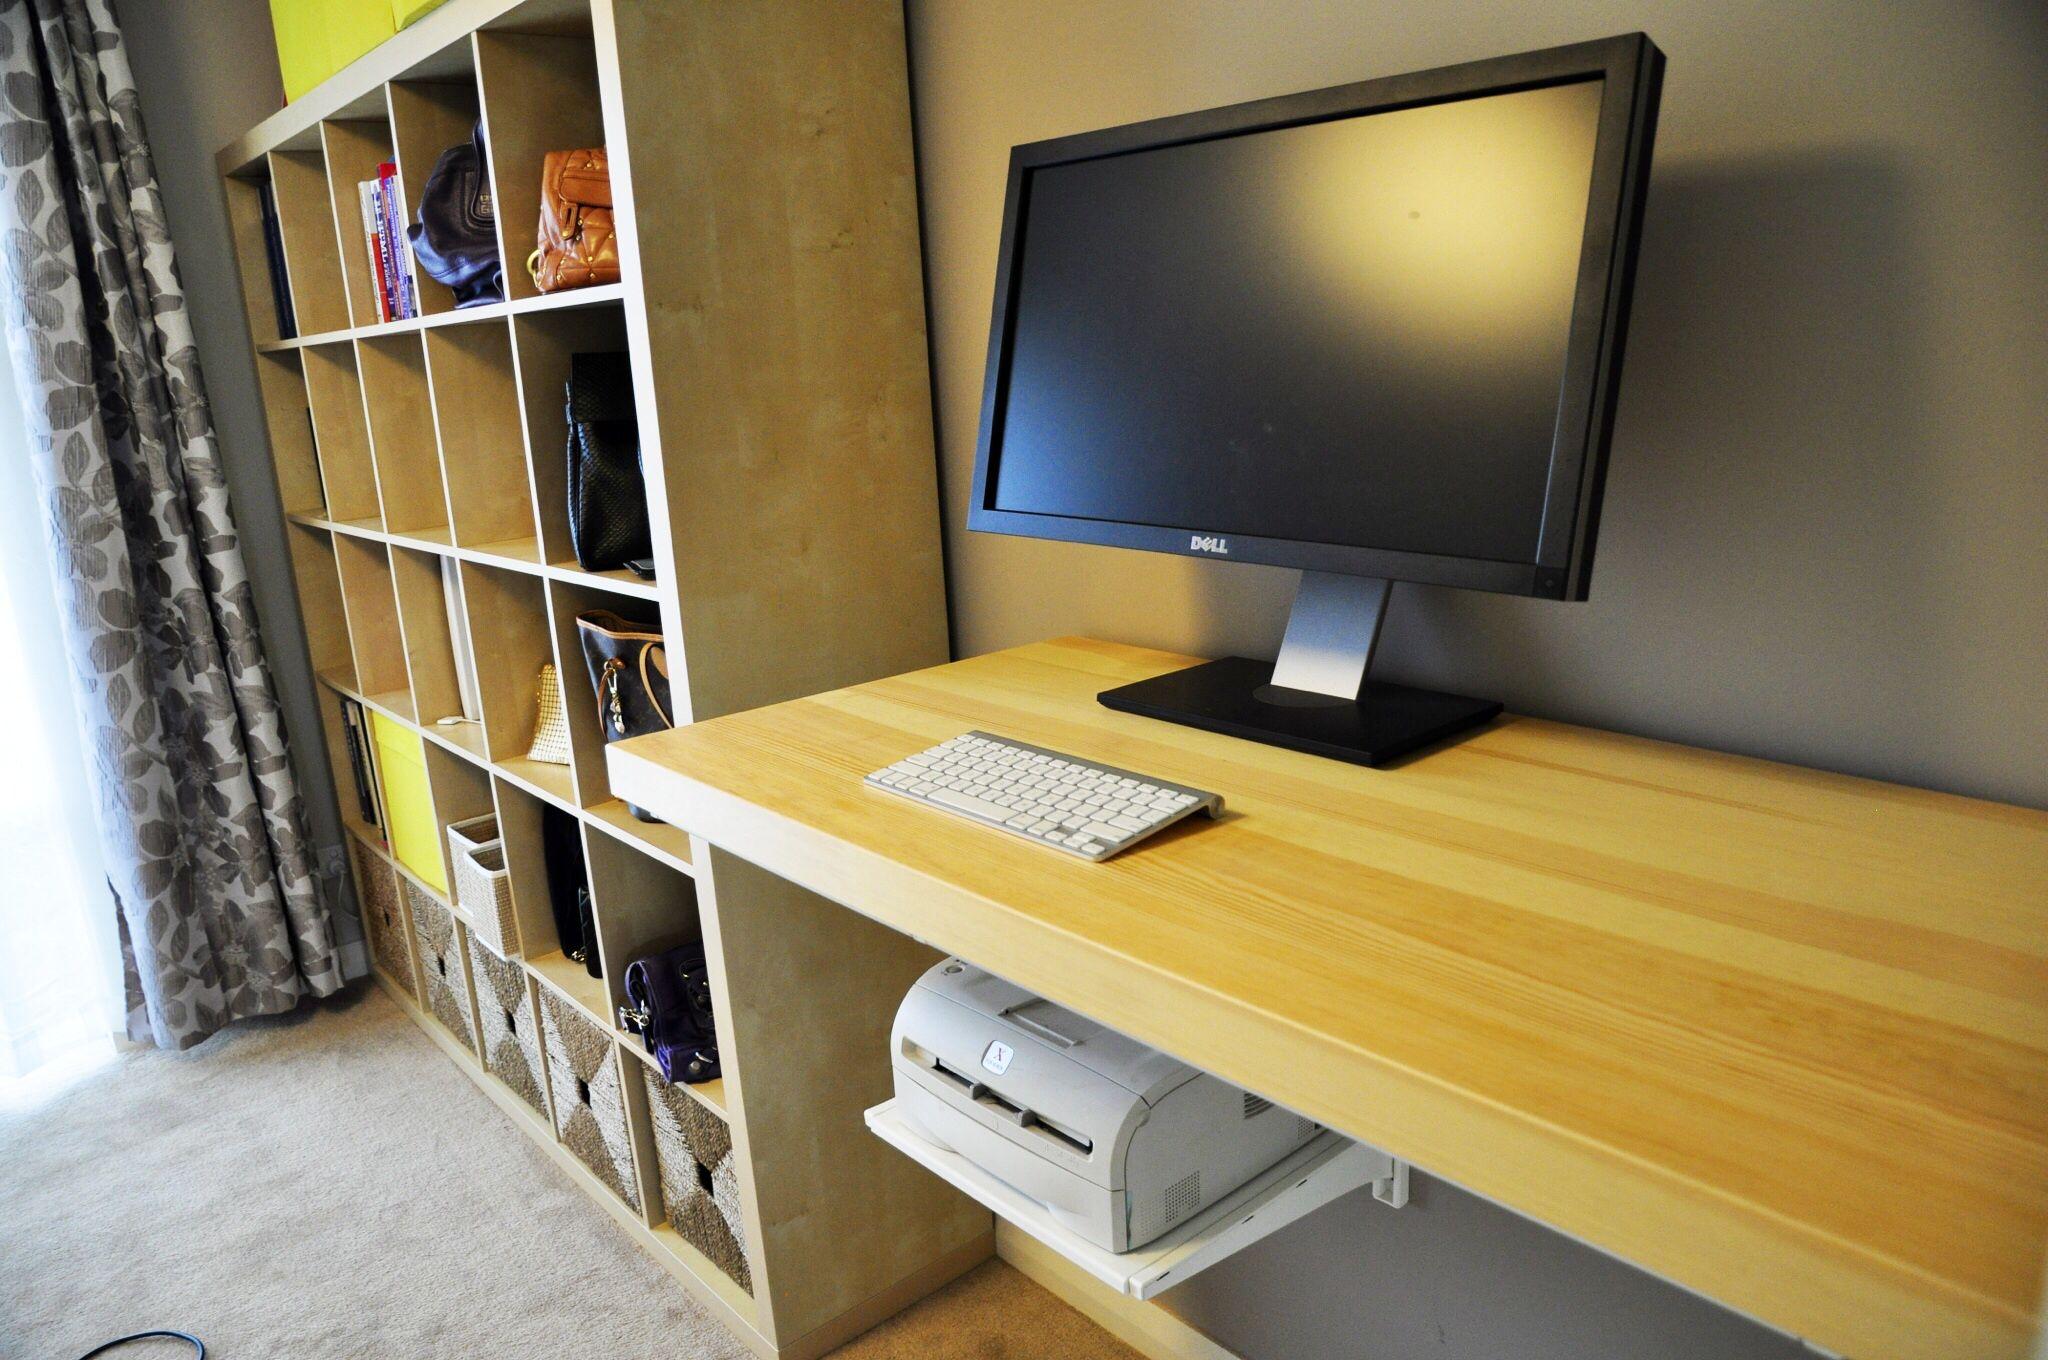 Floating Desk Diy Standing Desk Using Ikea Tornliden Desktop And Algot Storage System Room Layout Livingroom Layout Home Living Room